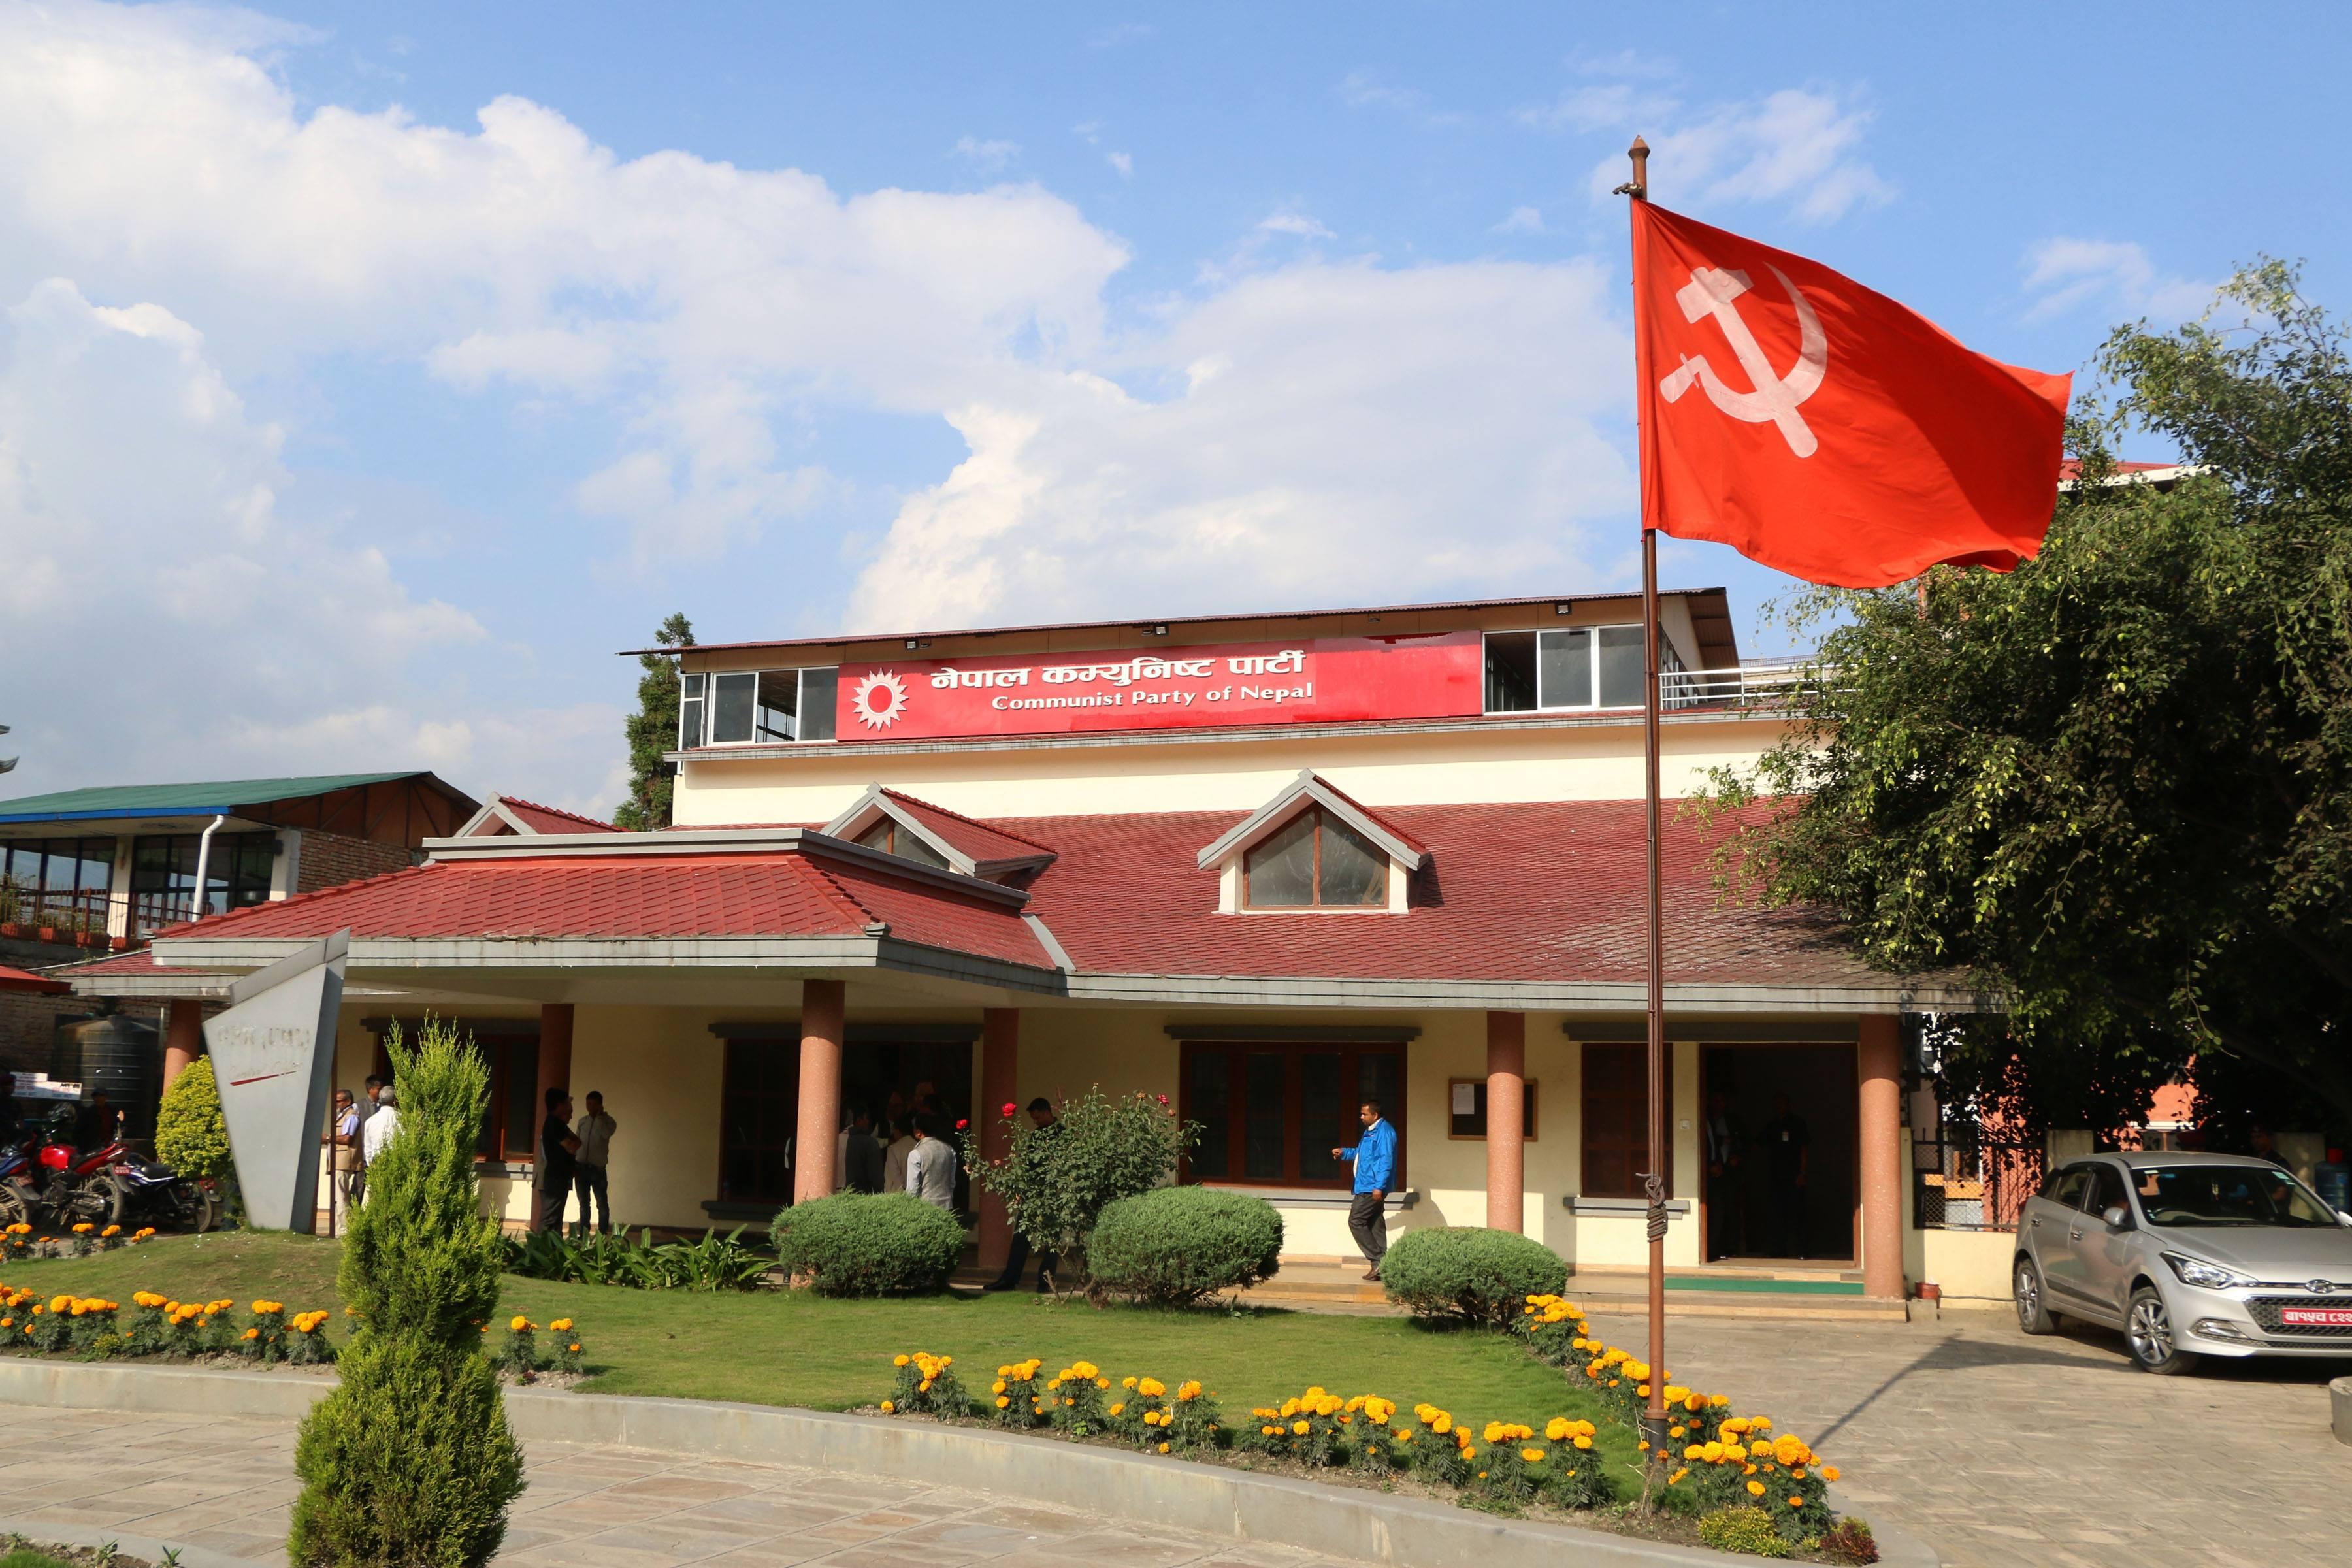 नेकपा महाधिवेशन : तल्ला तहमा नेतृत्वमा प्रतिस्पर्धा गर्न नपाइने